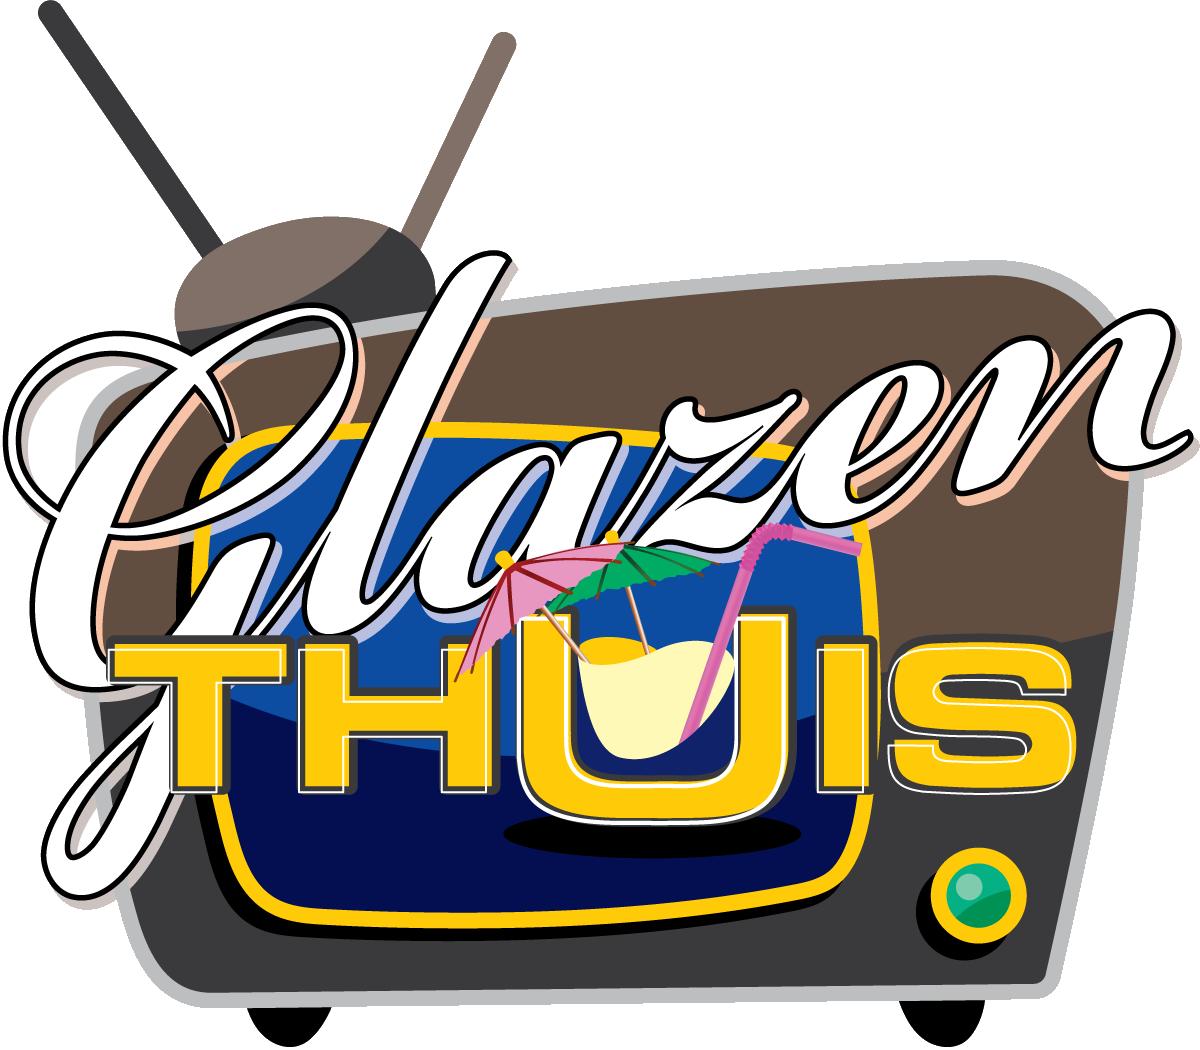 Glazen Thuis Nijkerk